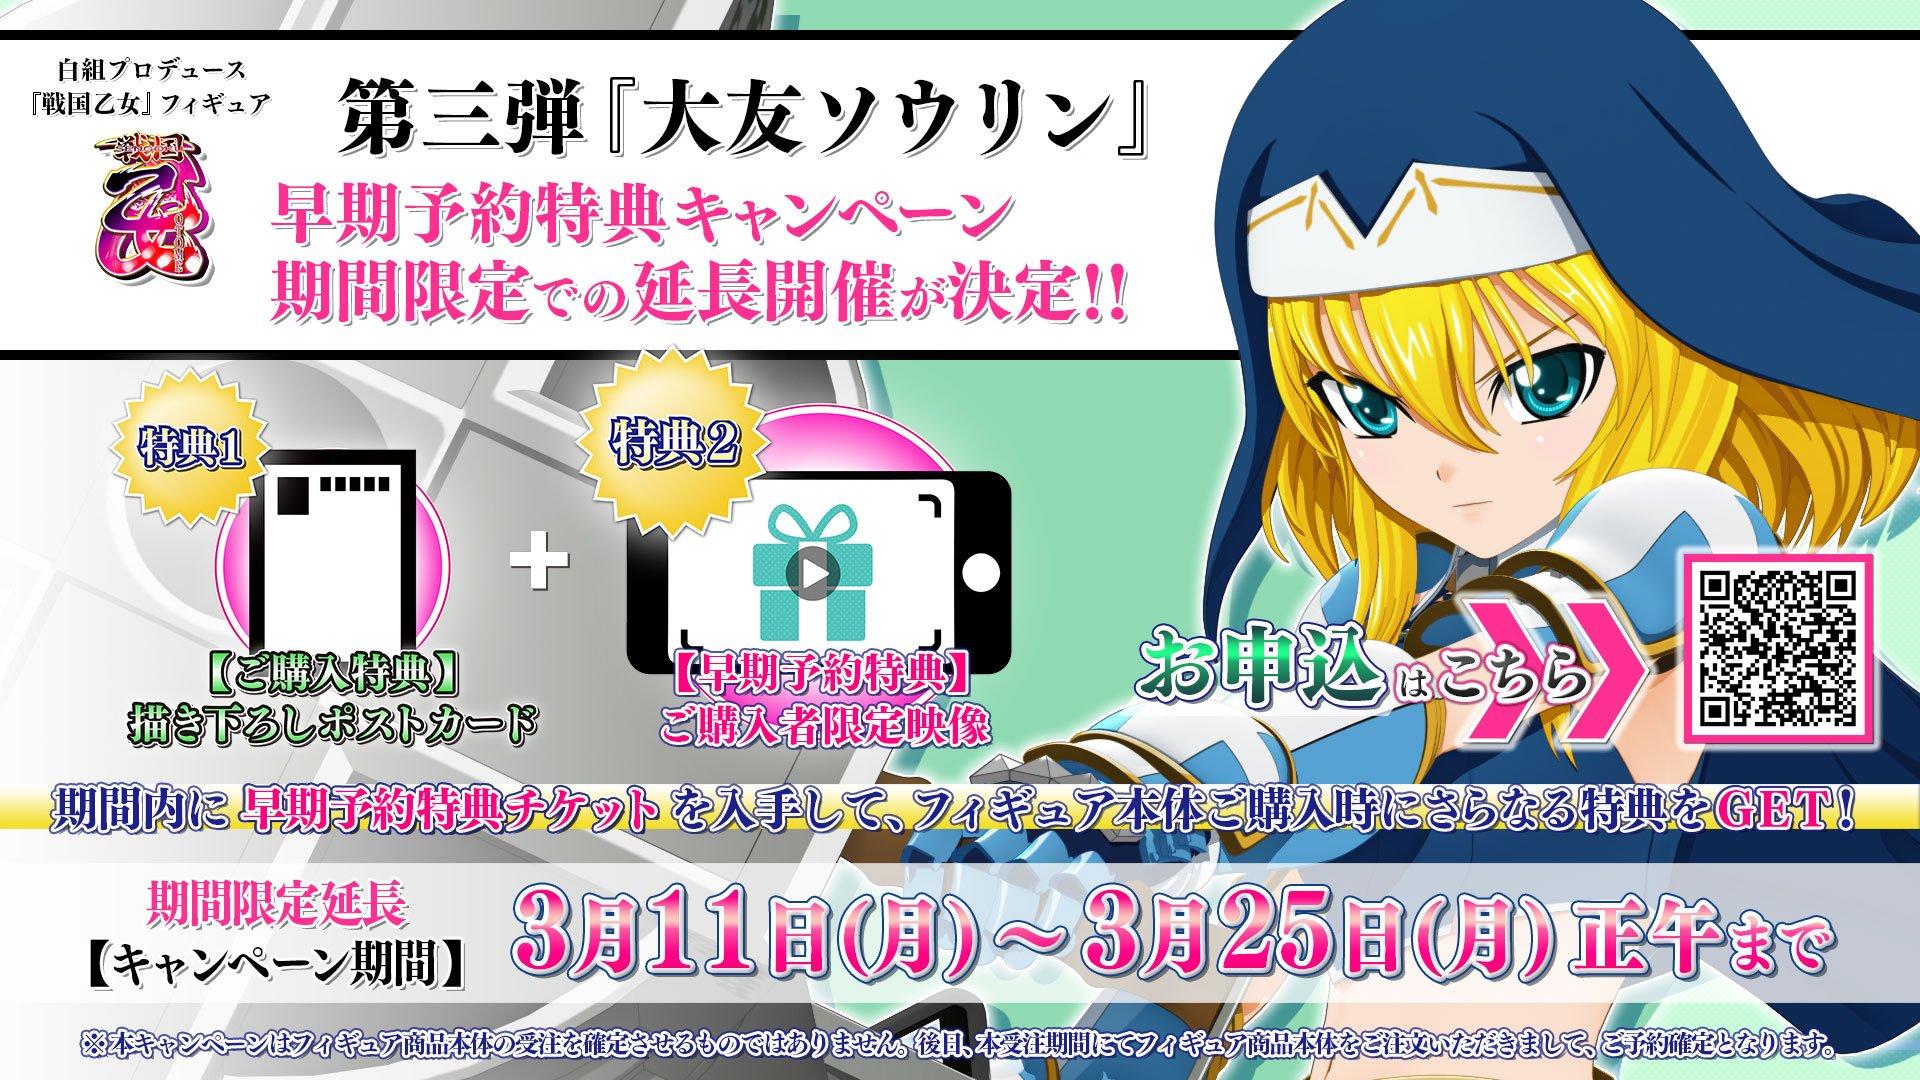 戦国乙女ゲーム 宣伝公式 على تويتر フィギュア 大友ソウリン 早期